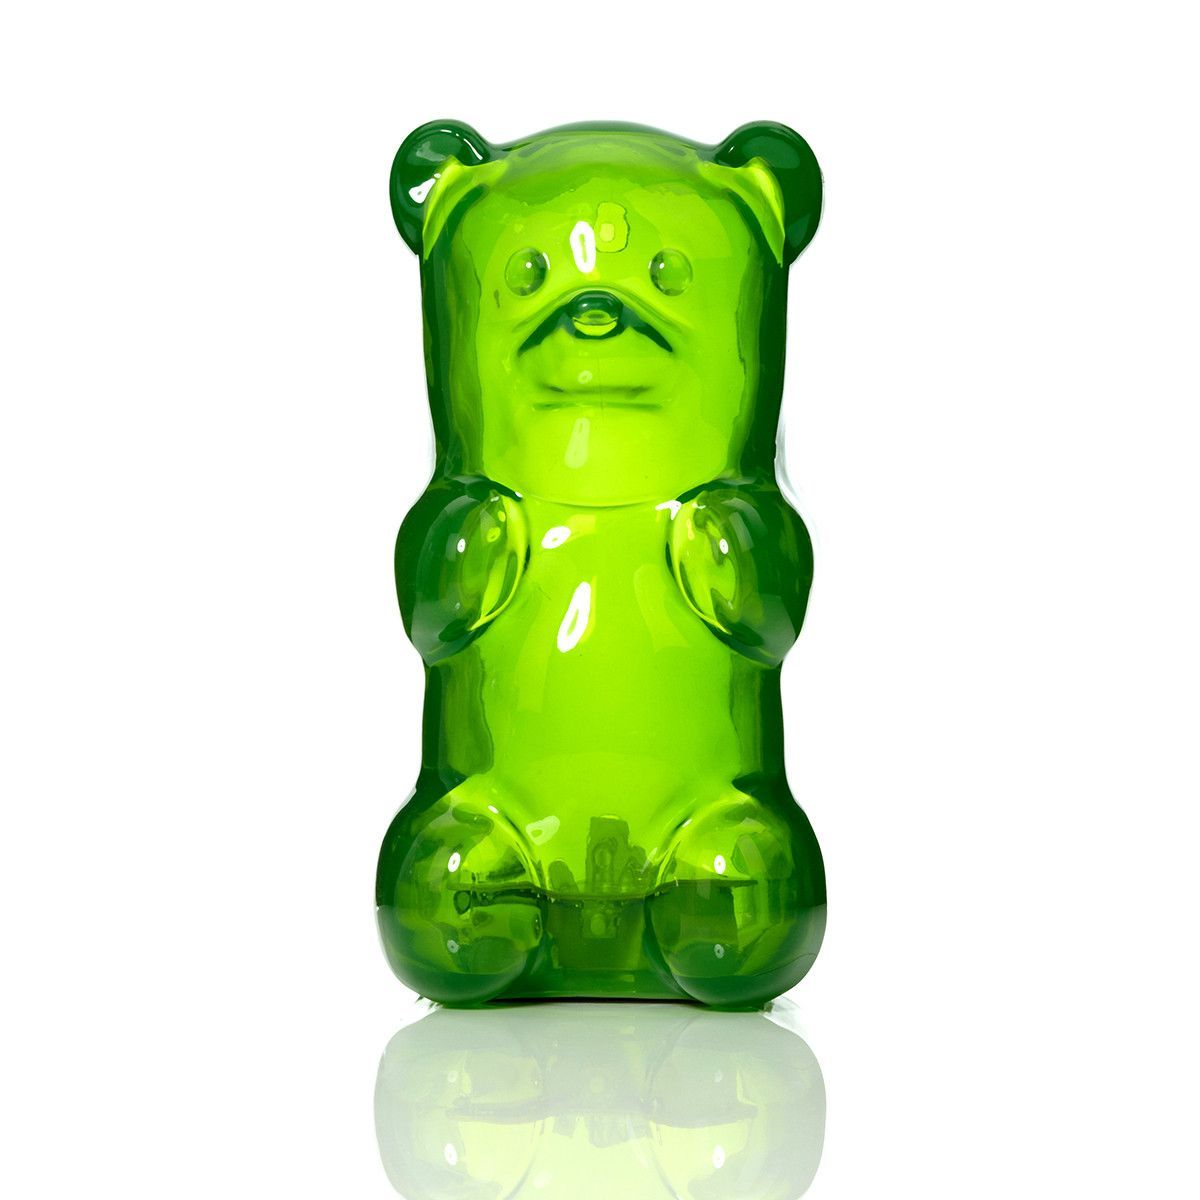 90567143 A0aa 4c26 836b 168d05a569e2 Jpg 1200 1200 Best Night Light Gummy Bear Light Night Light Kids